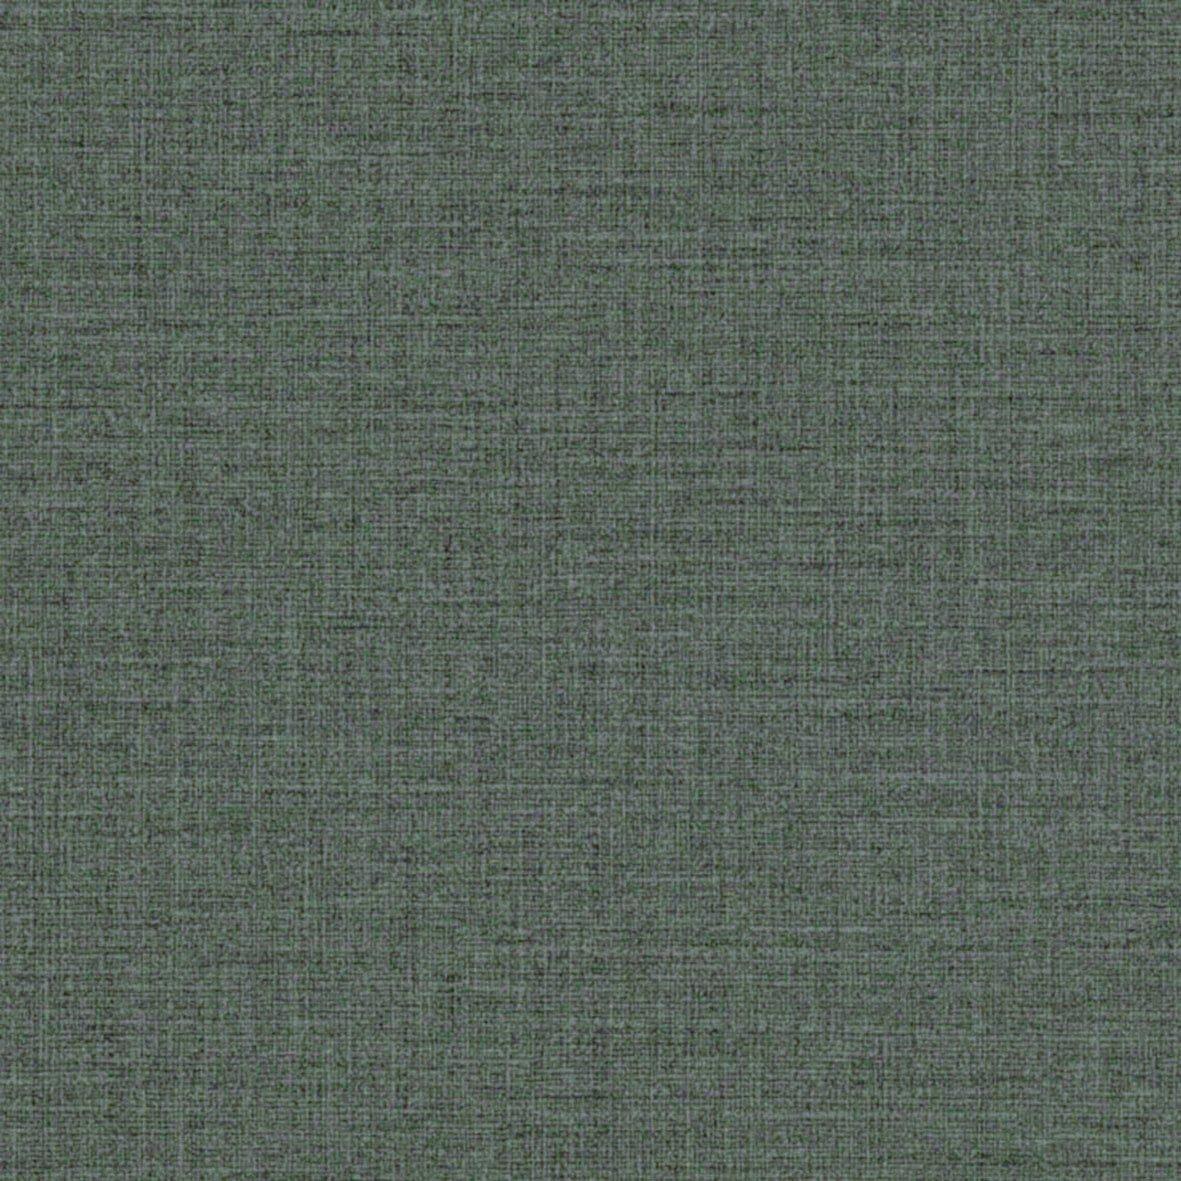 リリカラ 壁紙49m ナチュラル 織物調 ブラウン LL-8388 B01N01ZLR5 49m|ブラウン